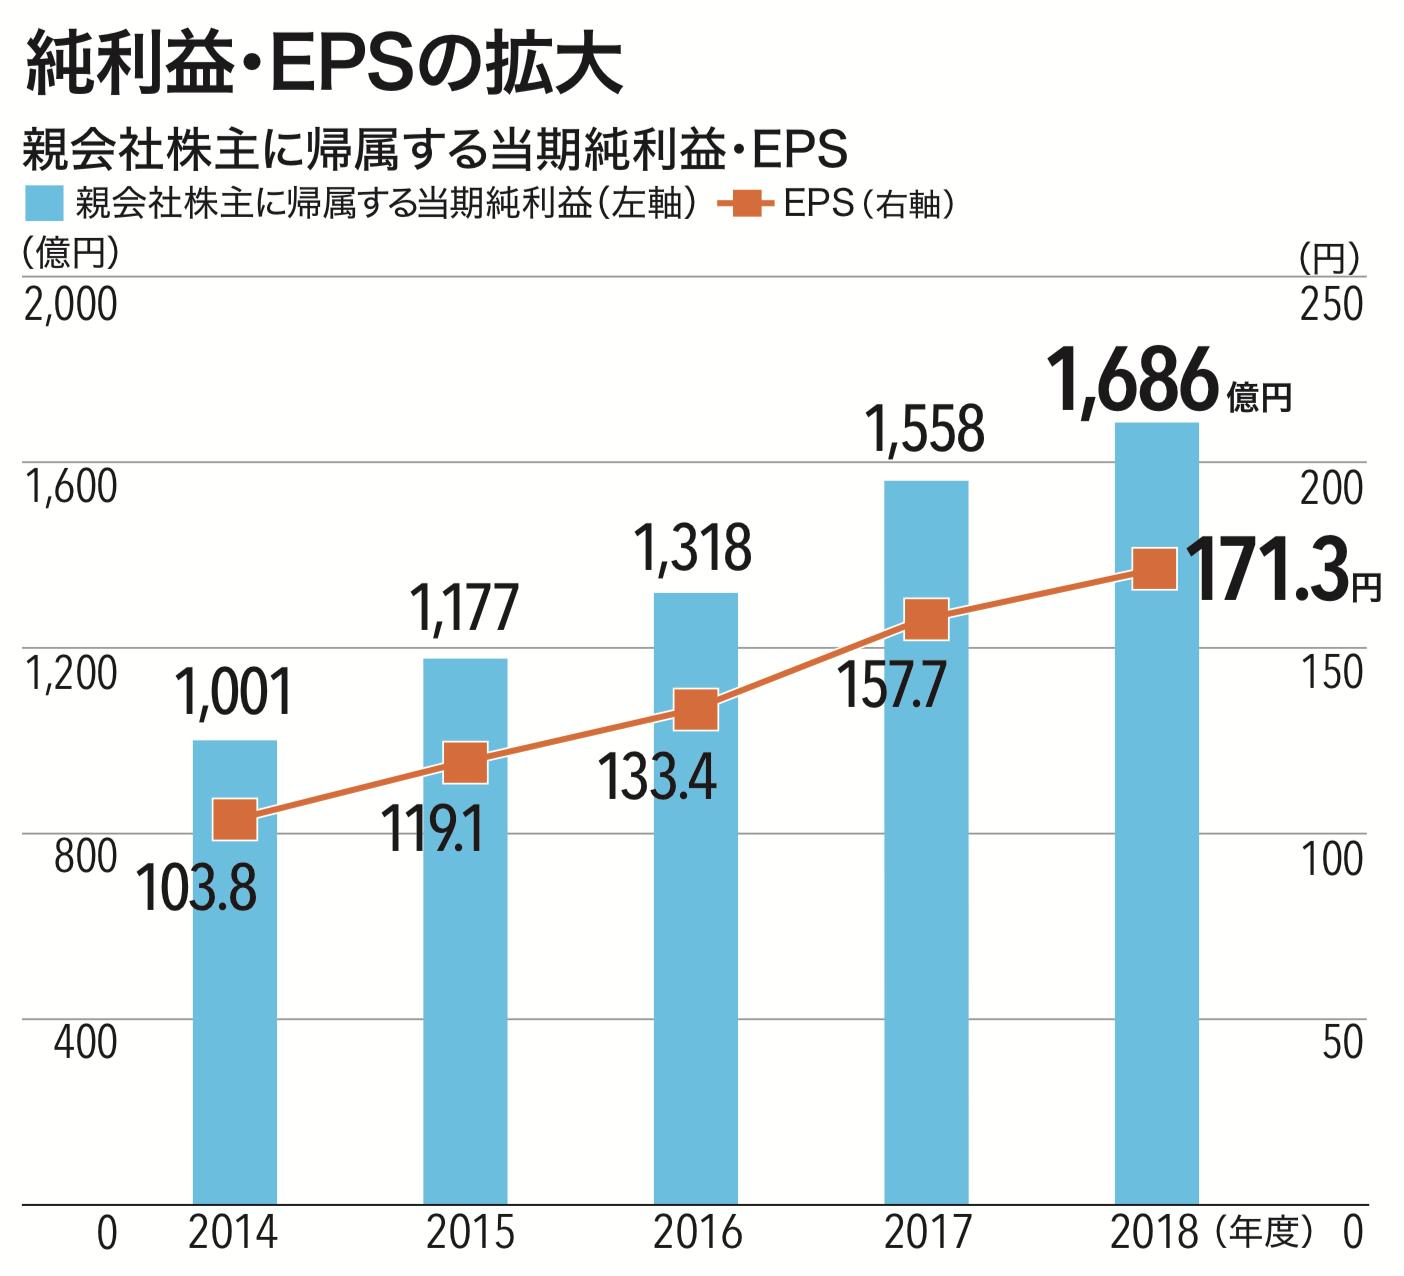 三井不動産 純利益 EPSの拡大